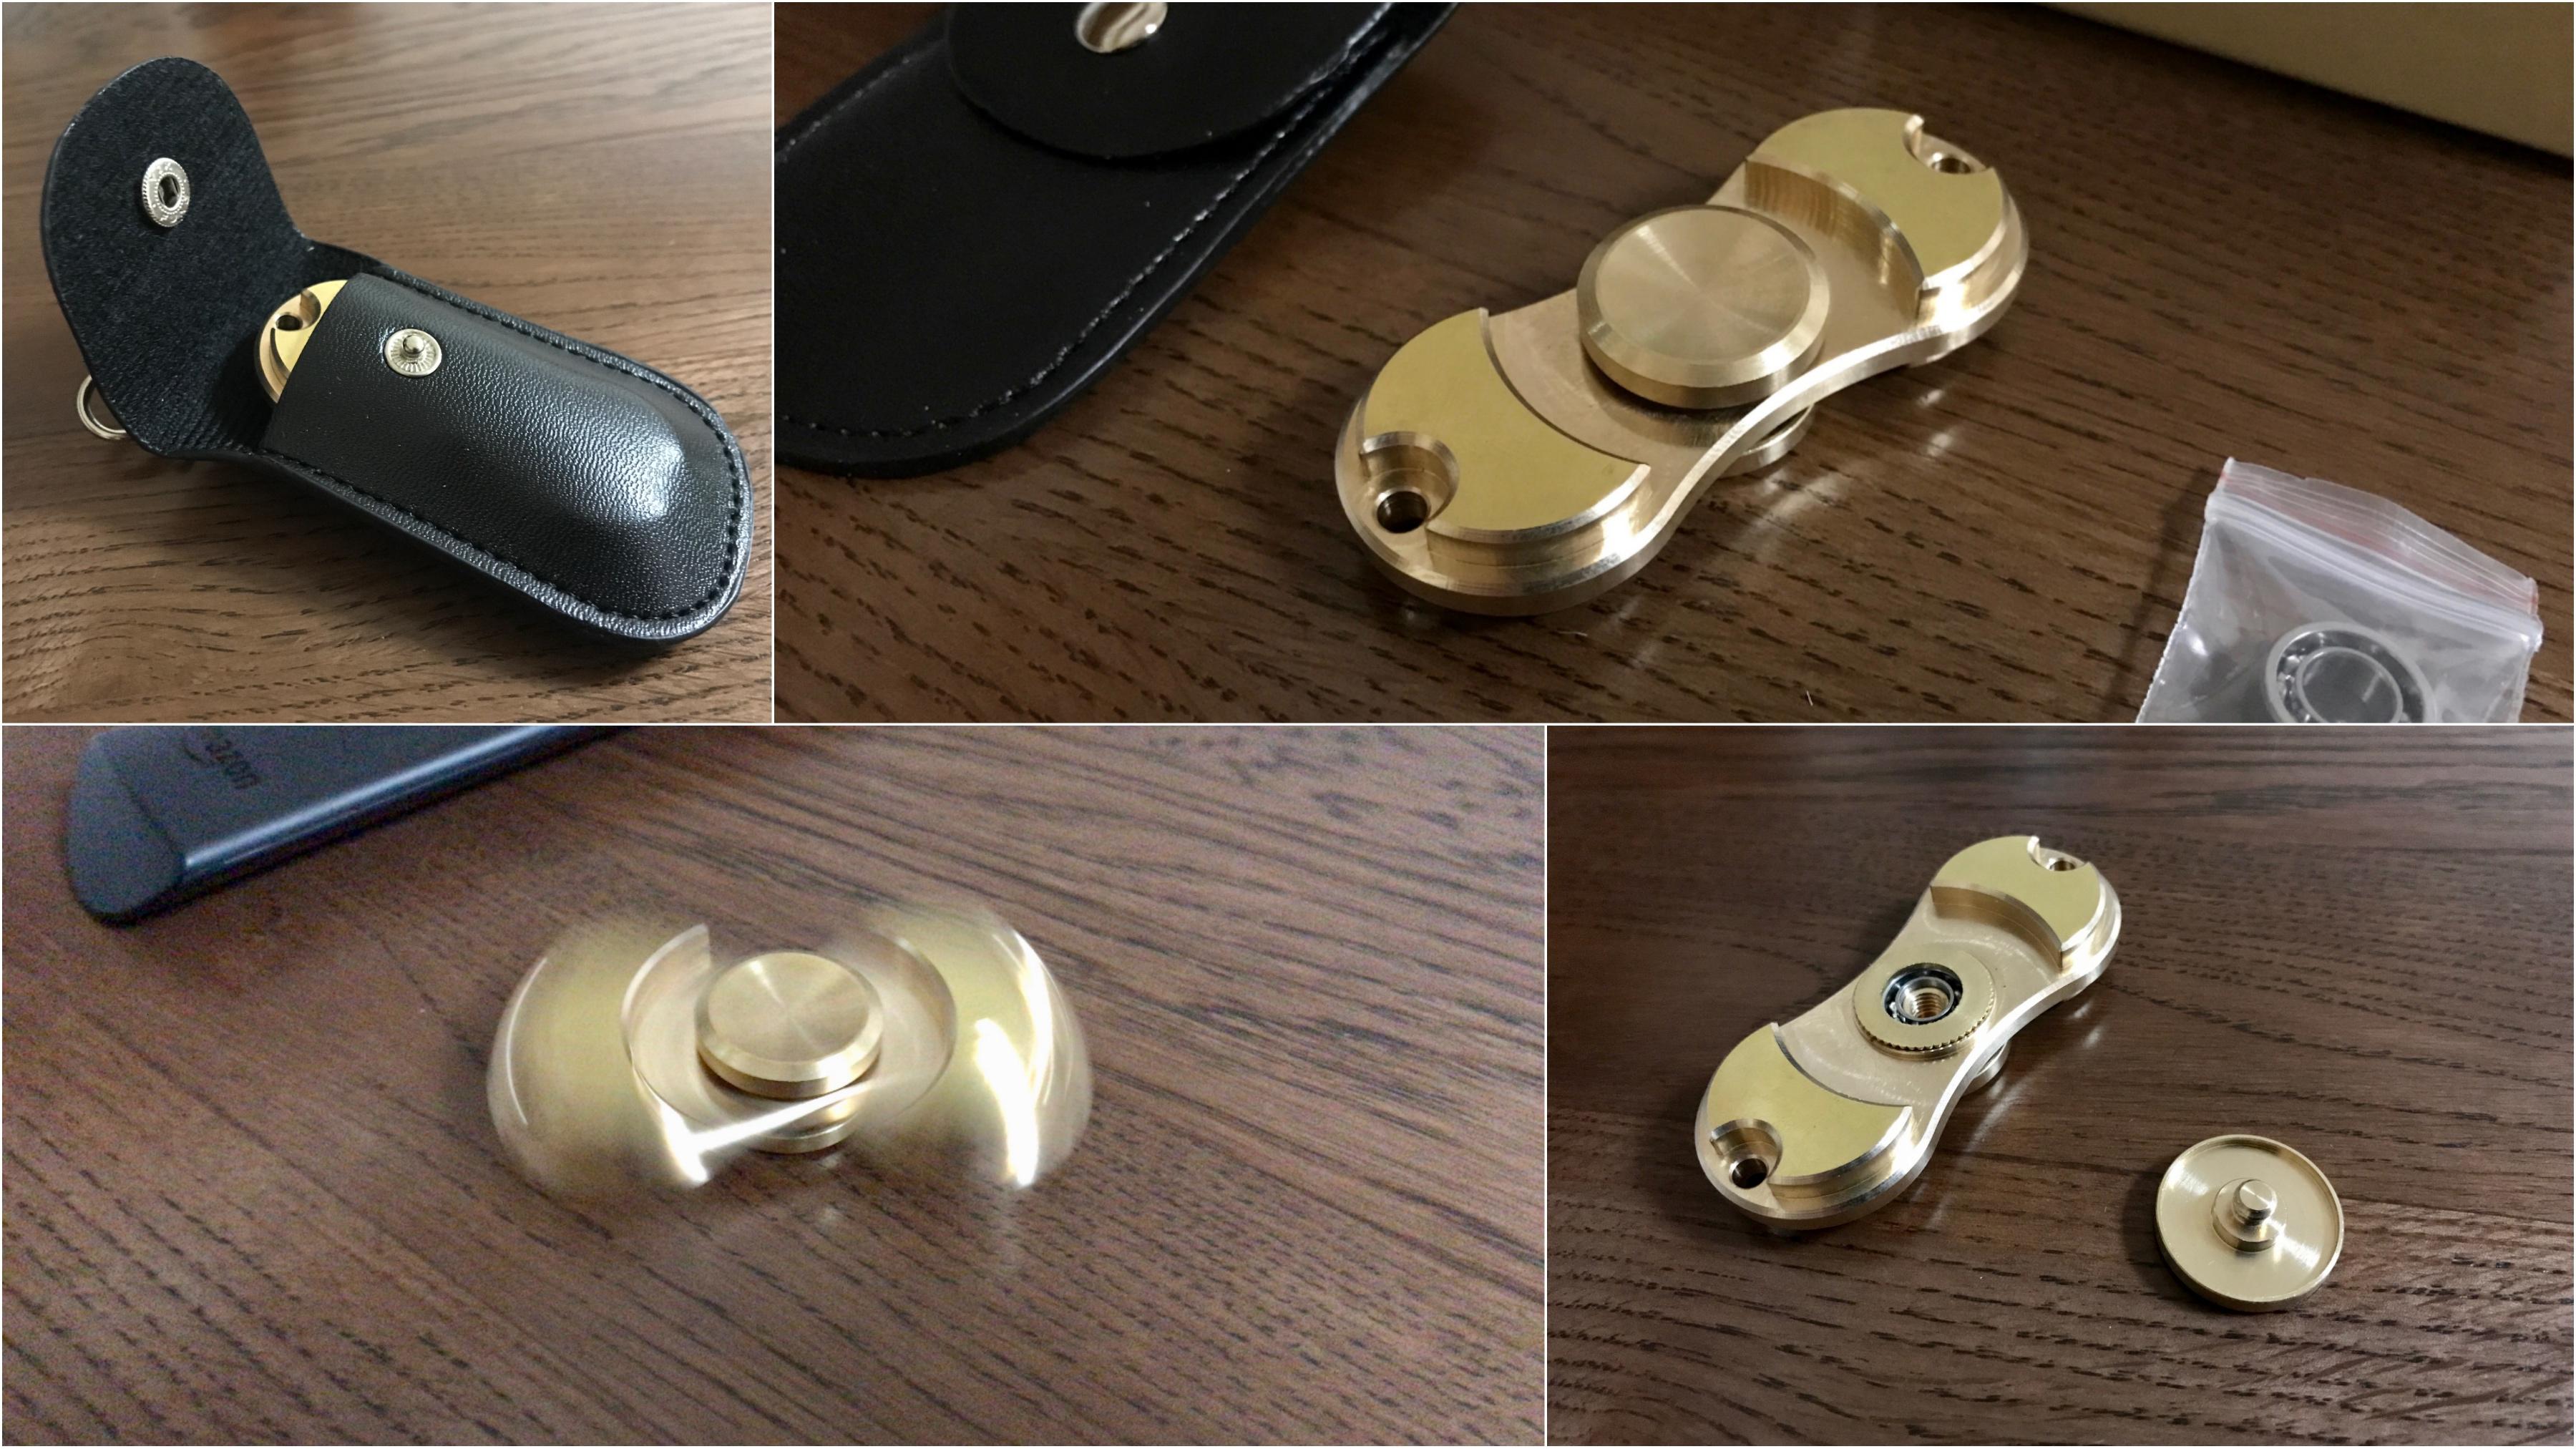 あるとつい回してしまう!シンプルなデザインのおすすめハンドスピナーをご紹介!